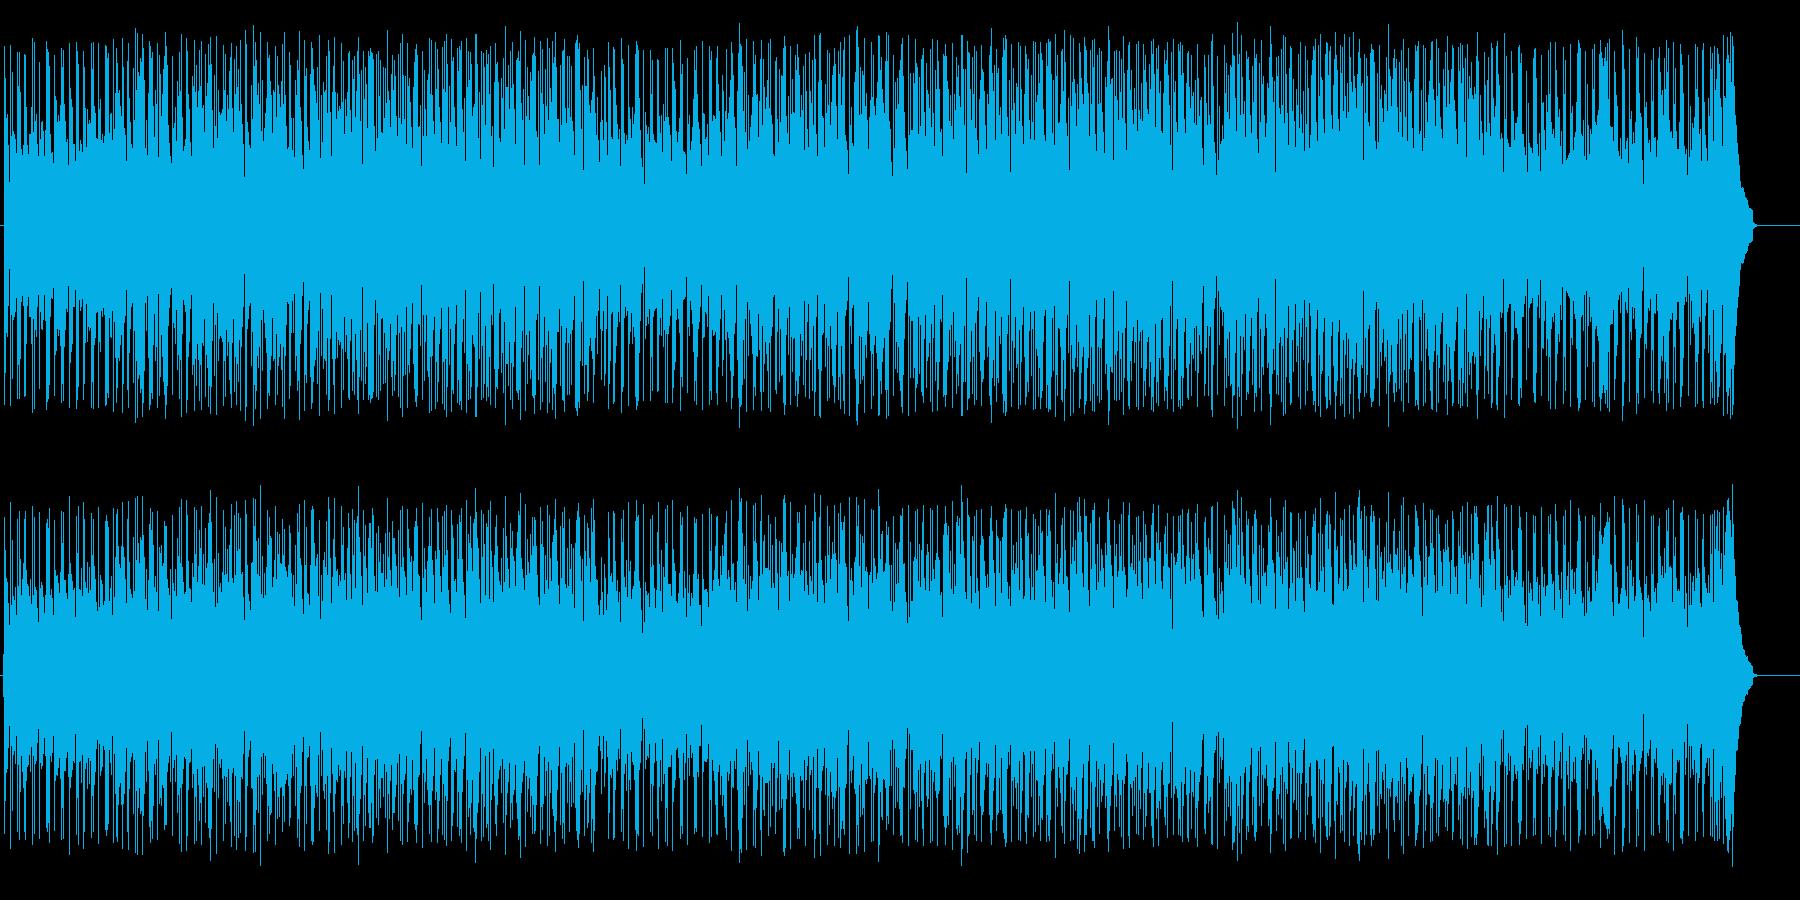 ちょっぴり切ないポップ(フルサイズ)の再生済みの波形